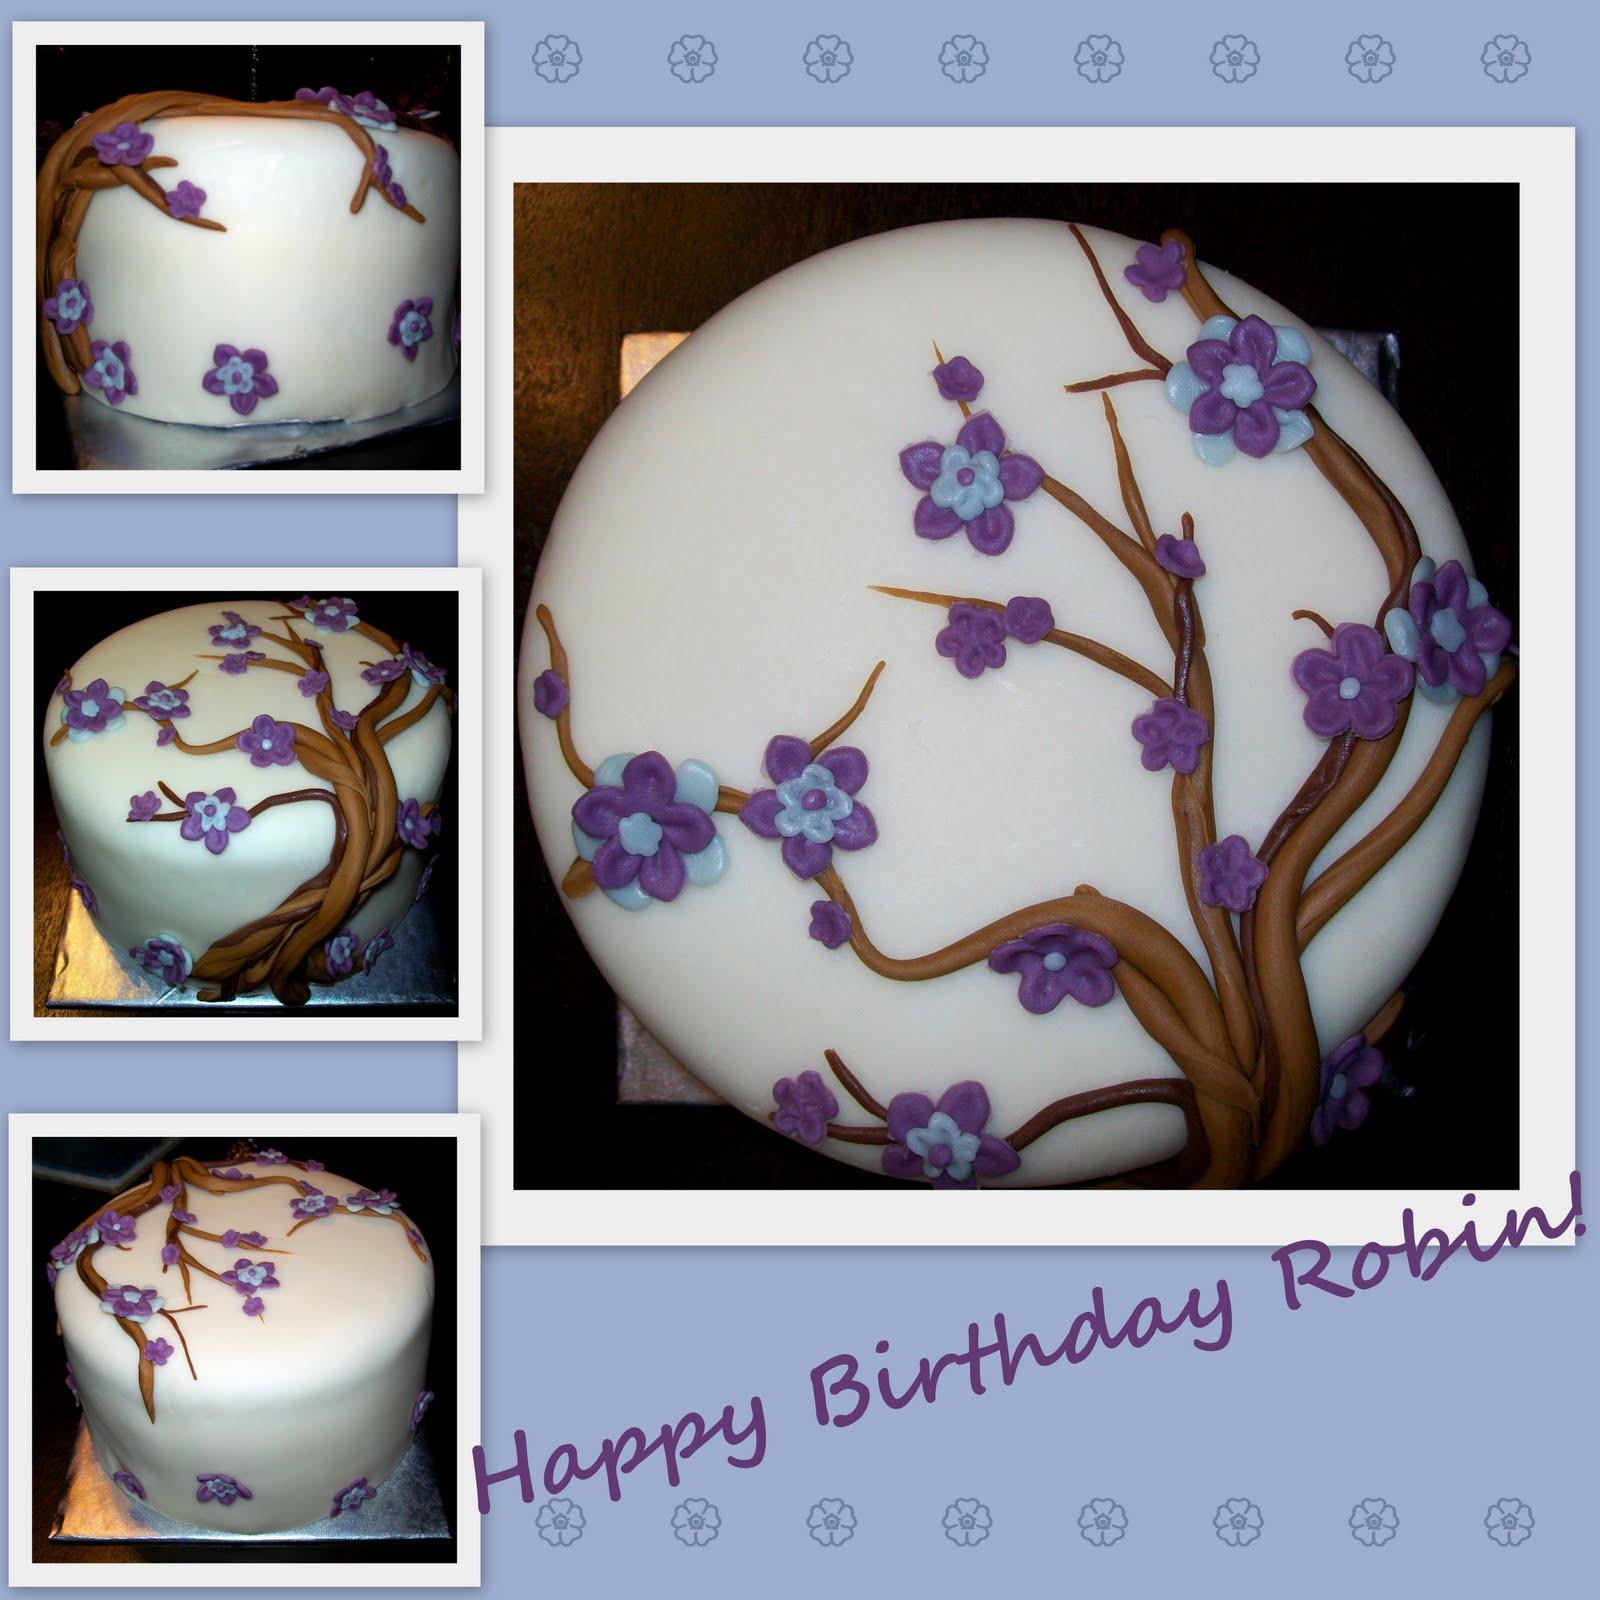 Katies Cakes Happy Birthday Robin